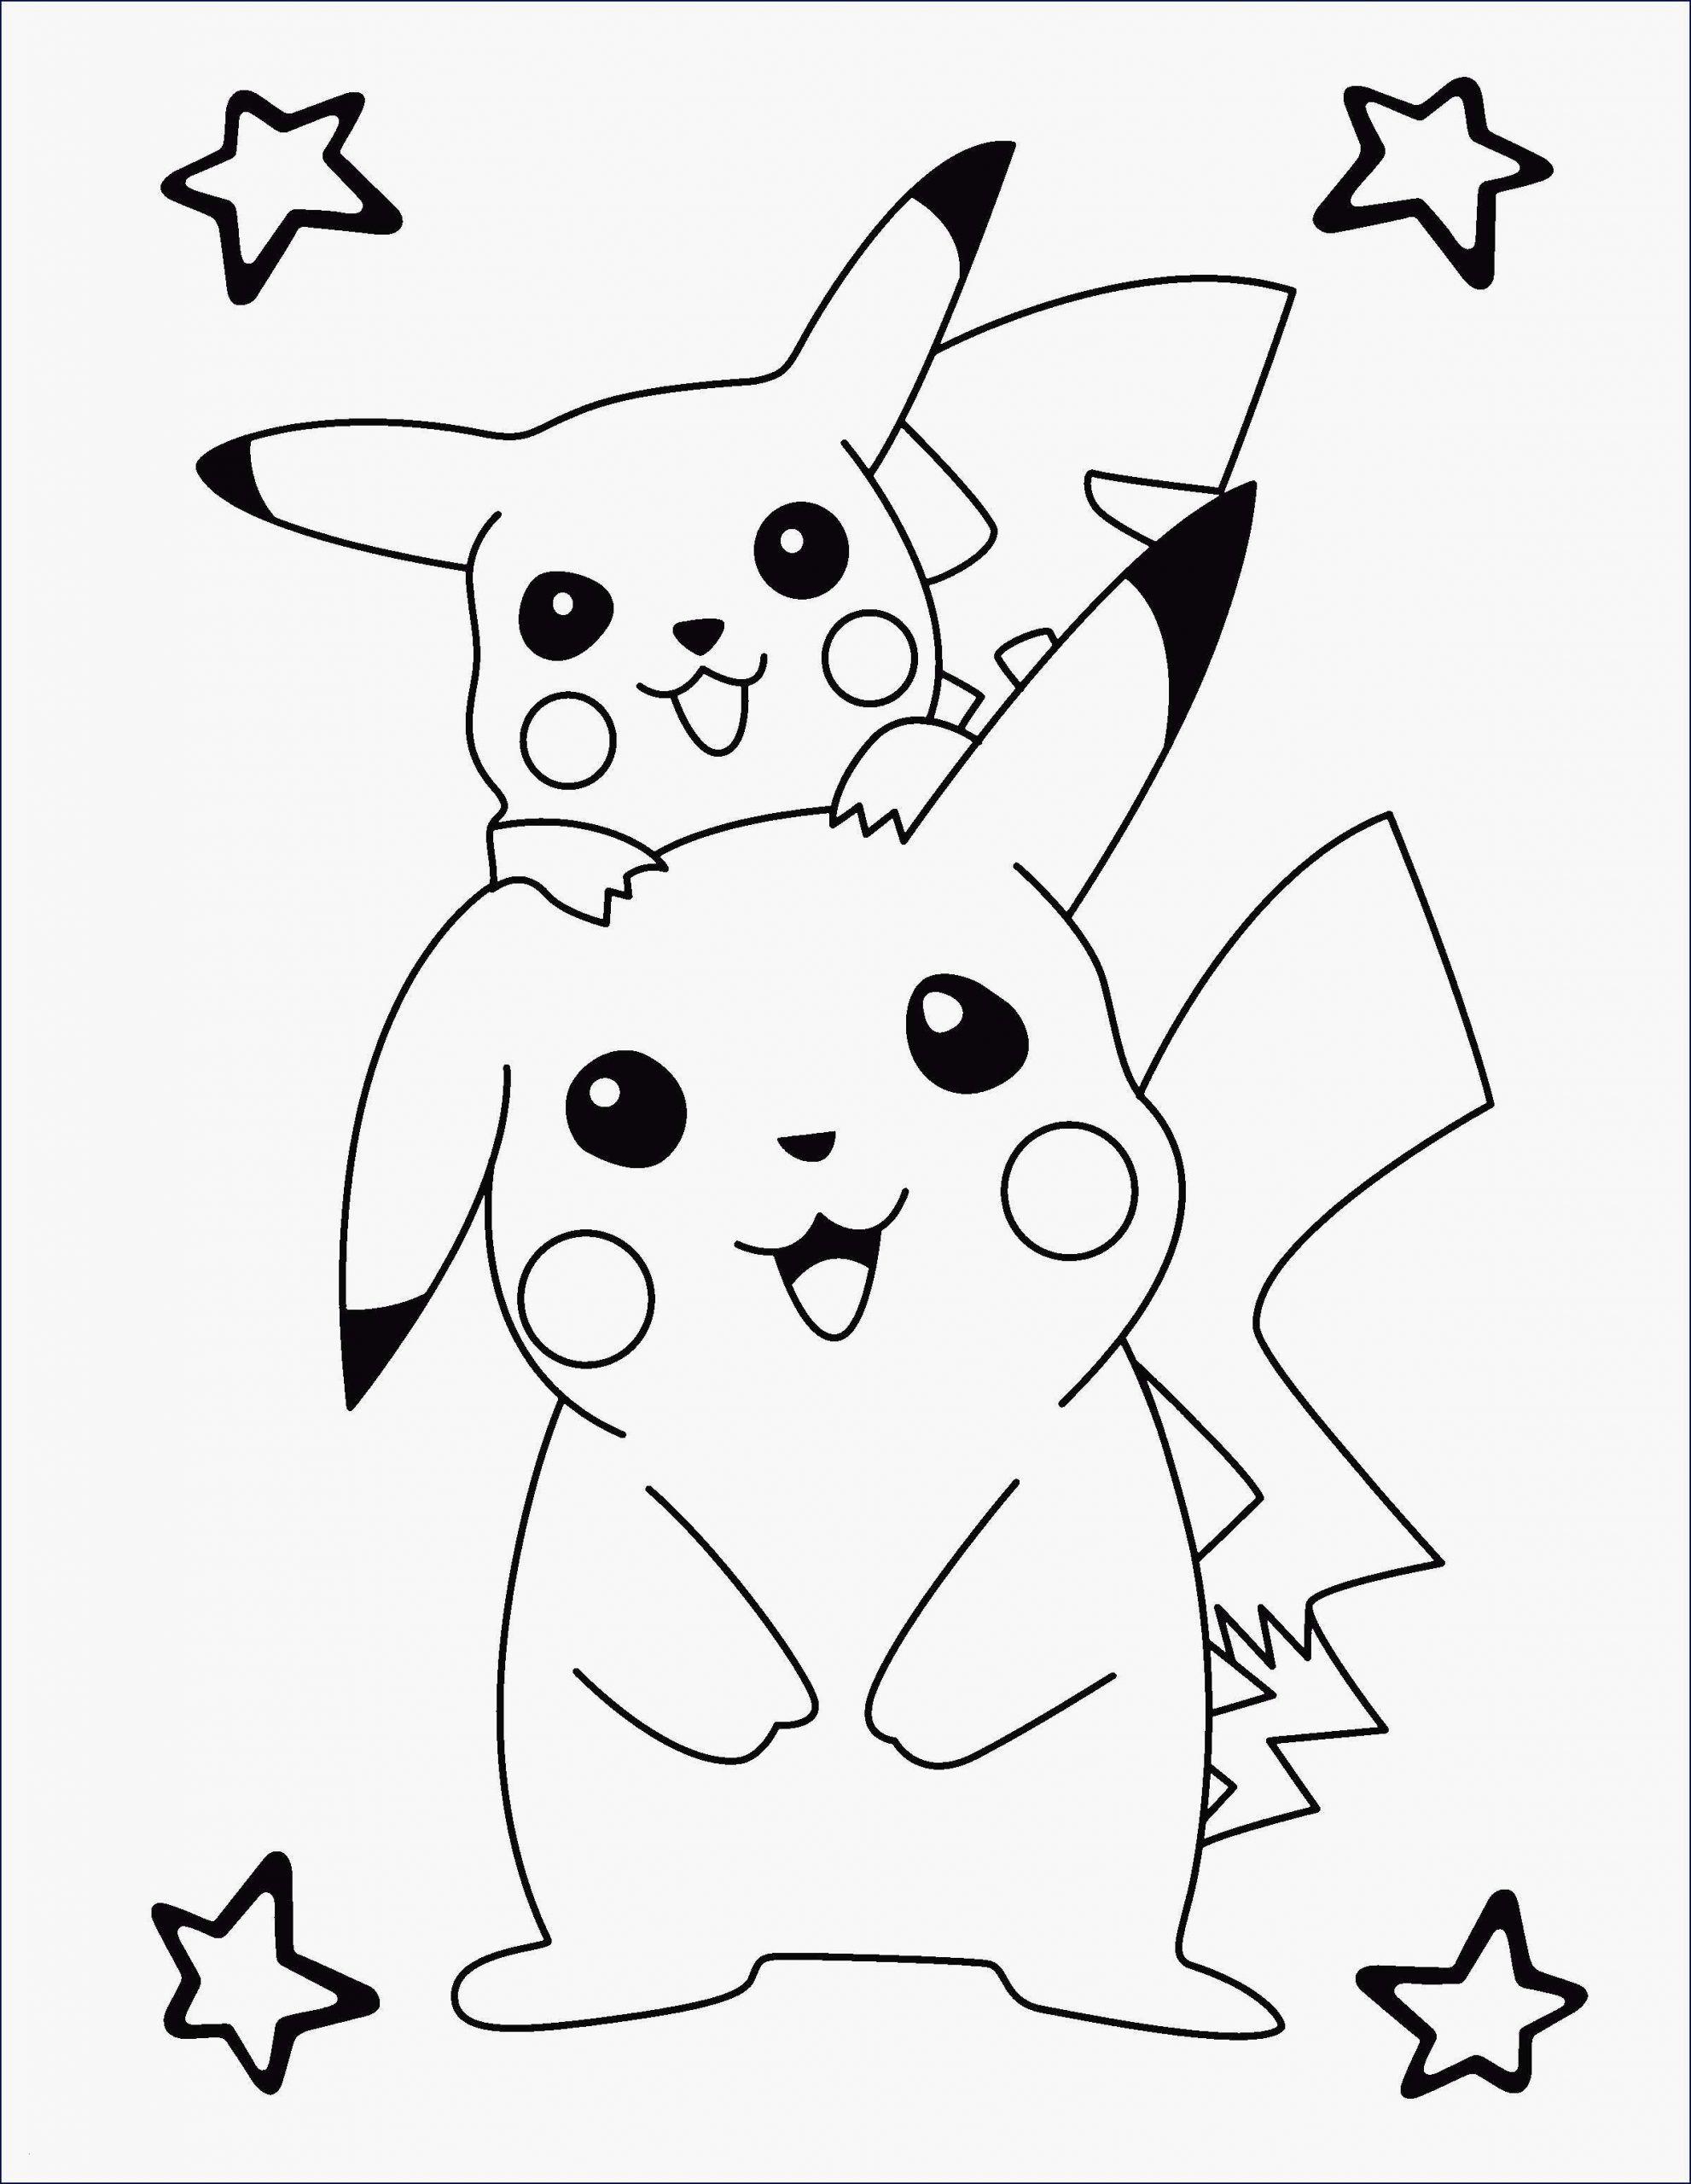 Kinder Malvorlagen Pokemon Coloring Pages Pikachu Coloring Page Pokemon Coloring